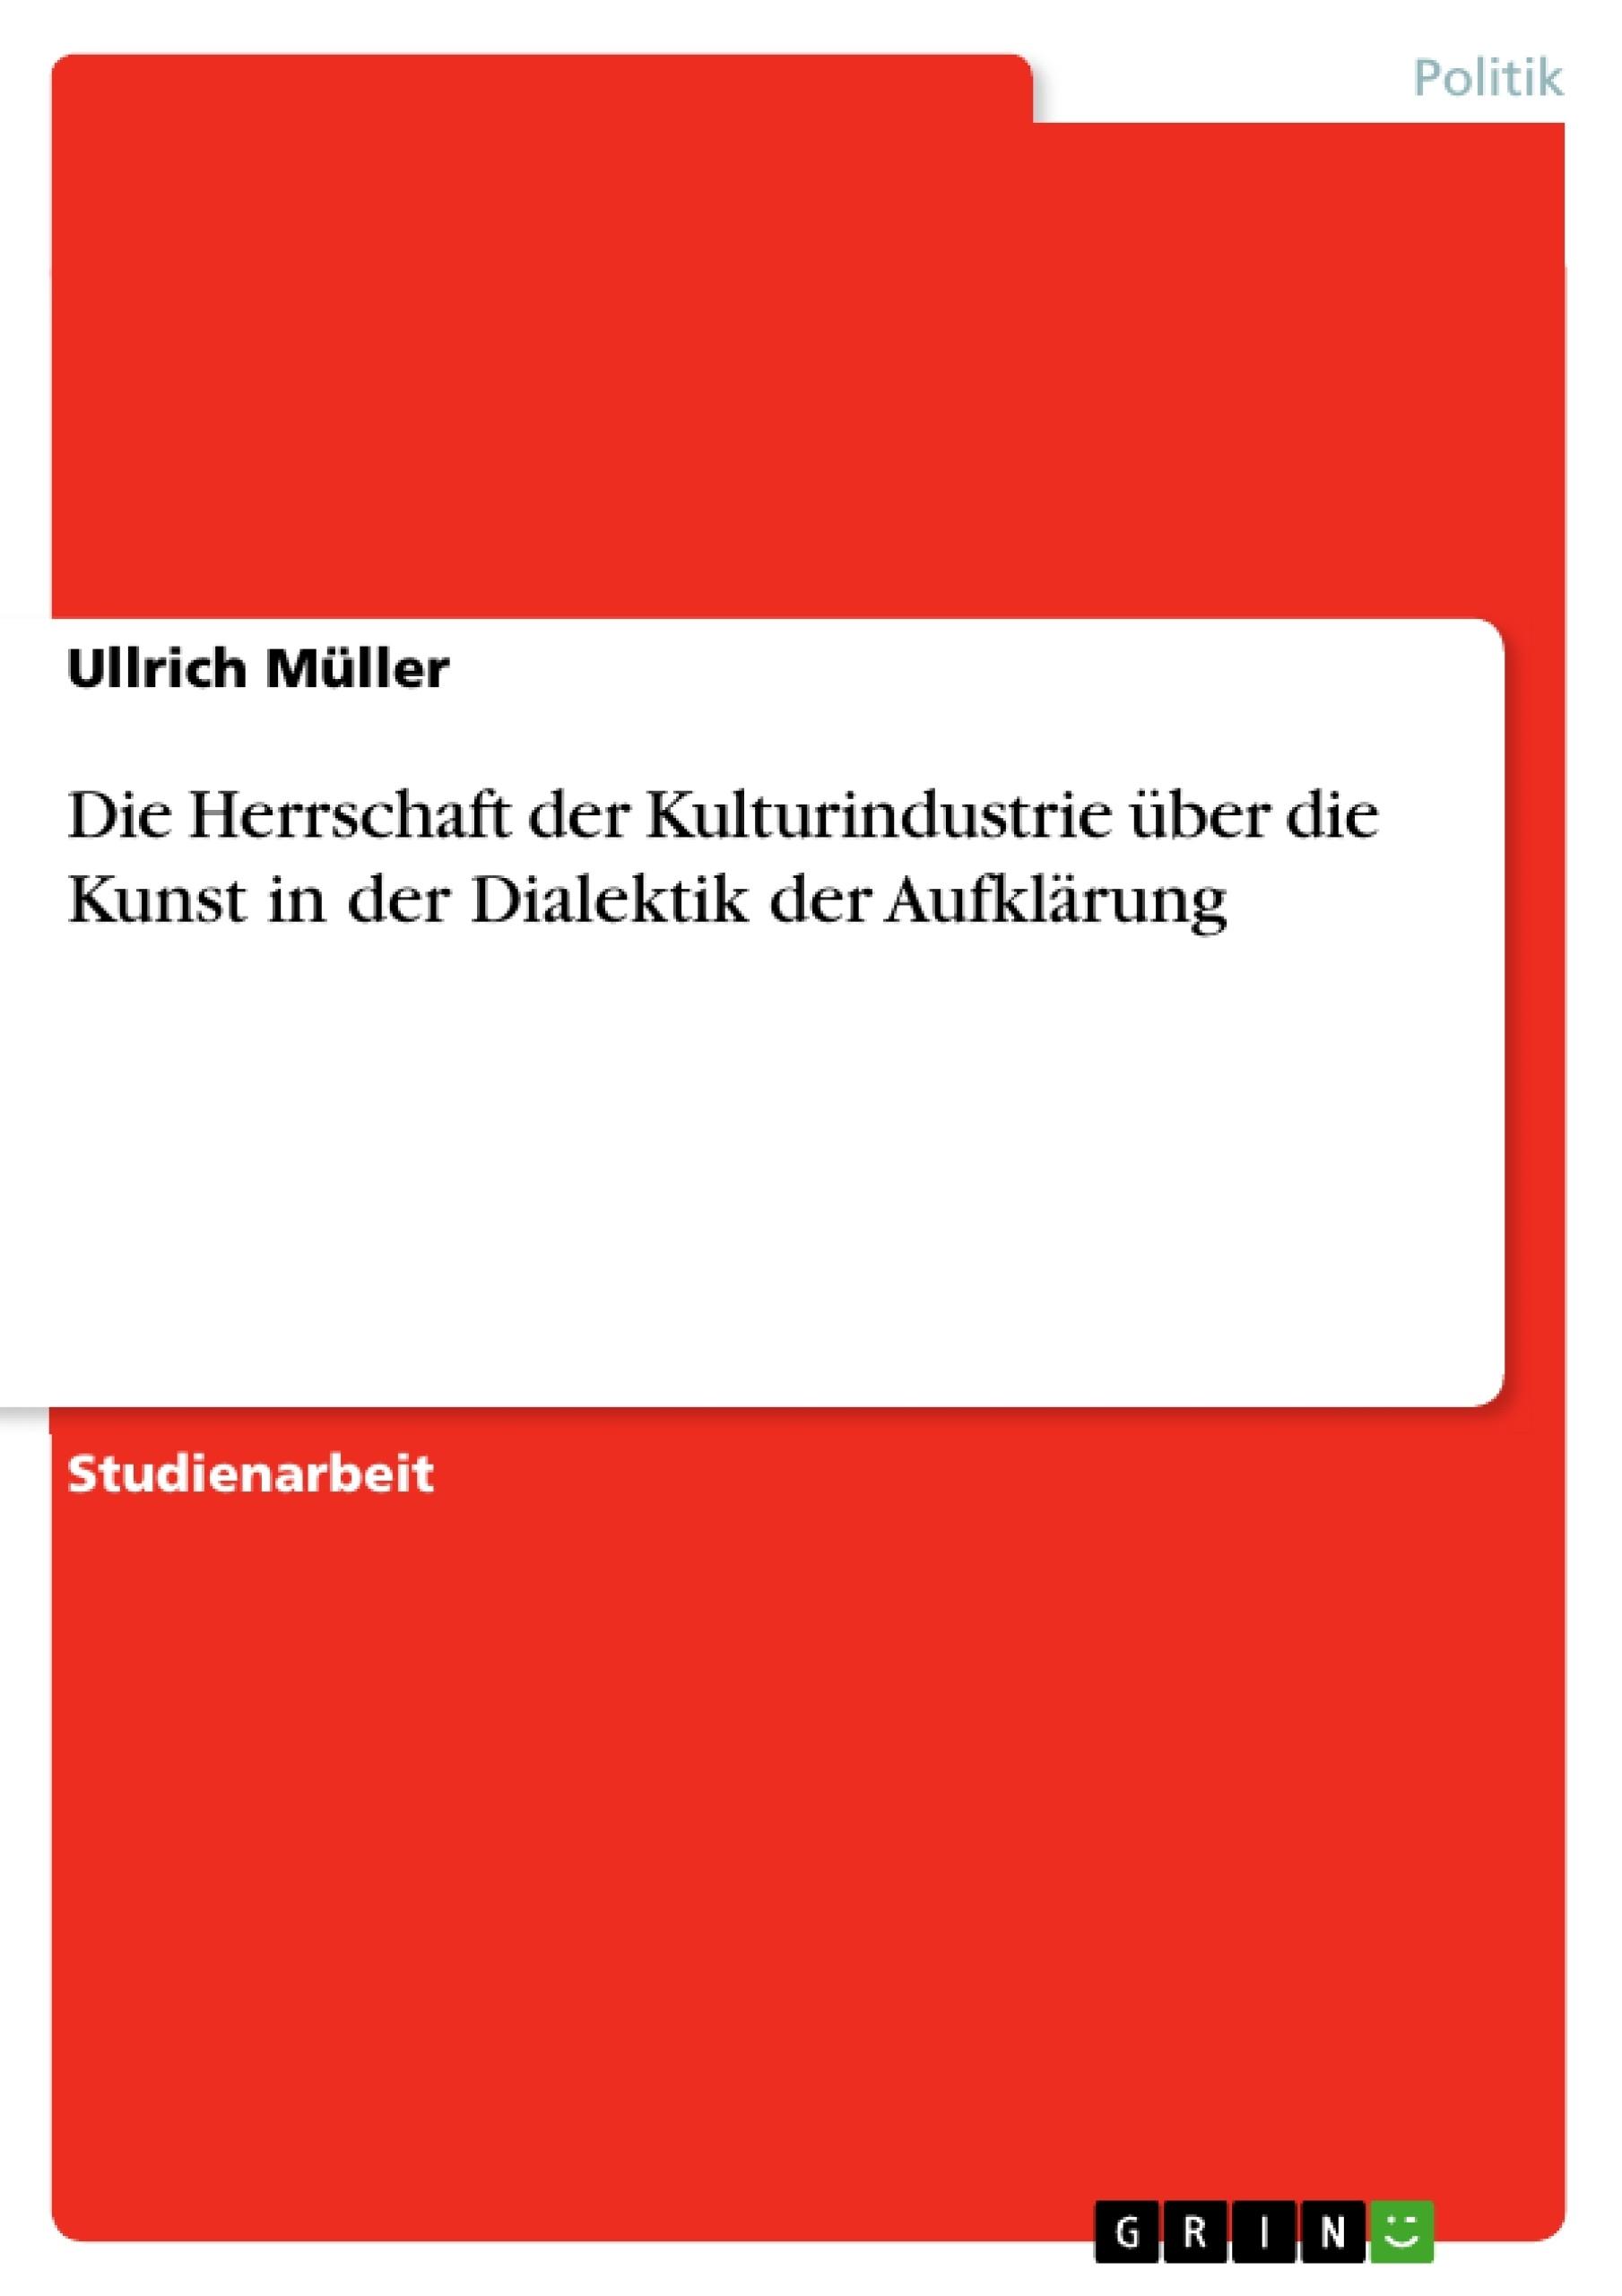 Titel: Die Herrschaft der Kulturindustrie über die Kunst in der Dialektik der Aufklärung